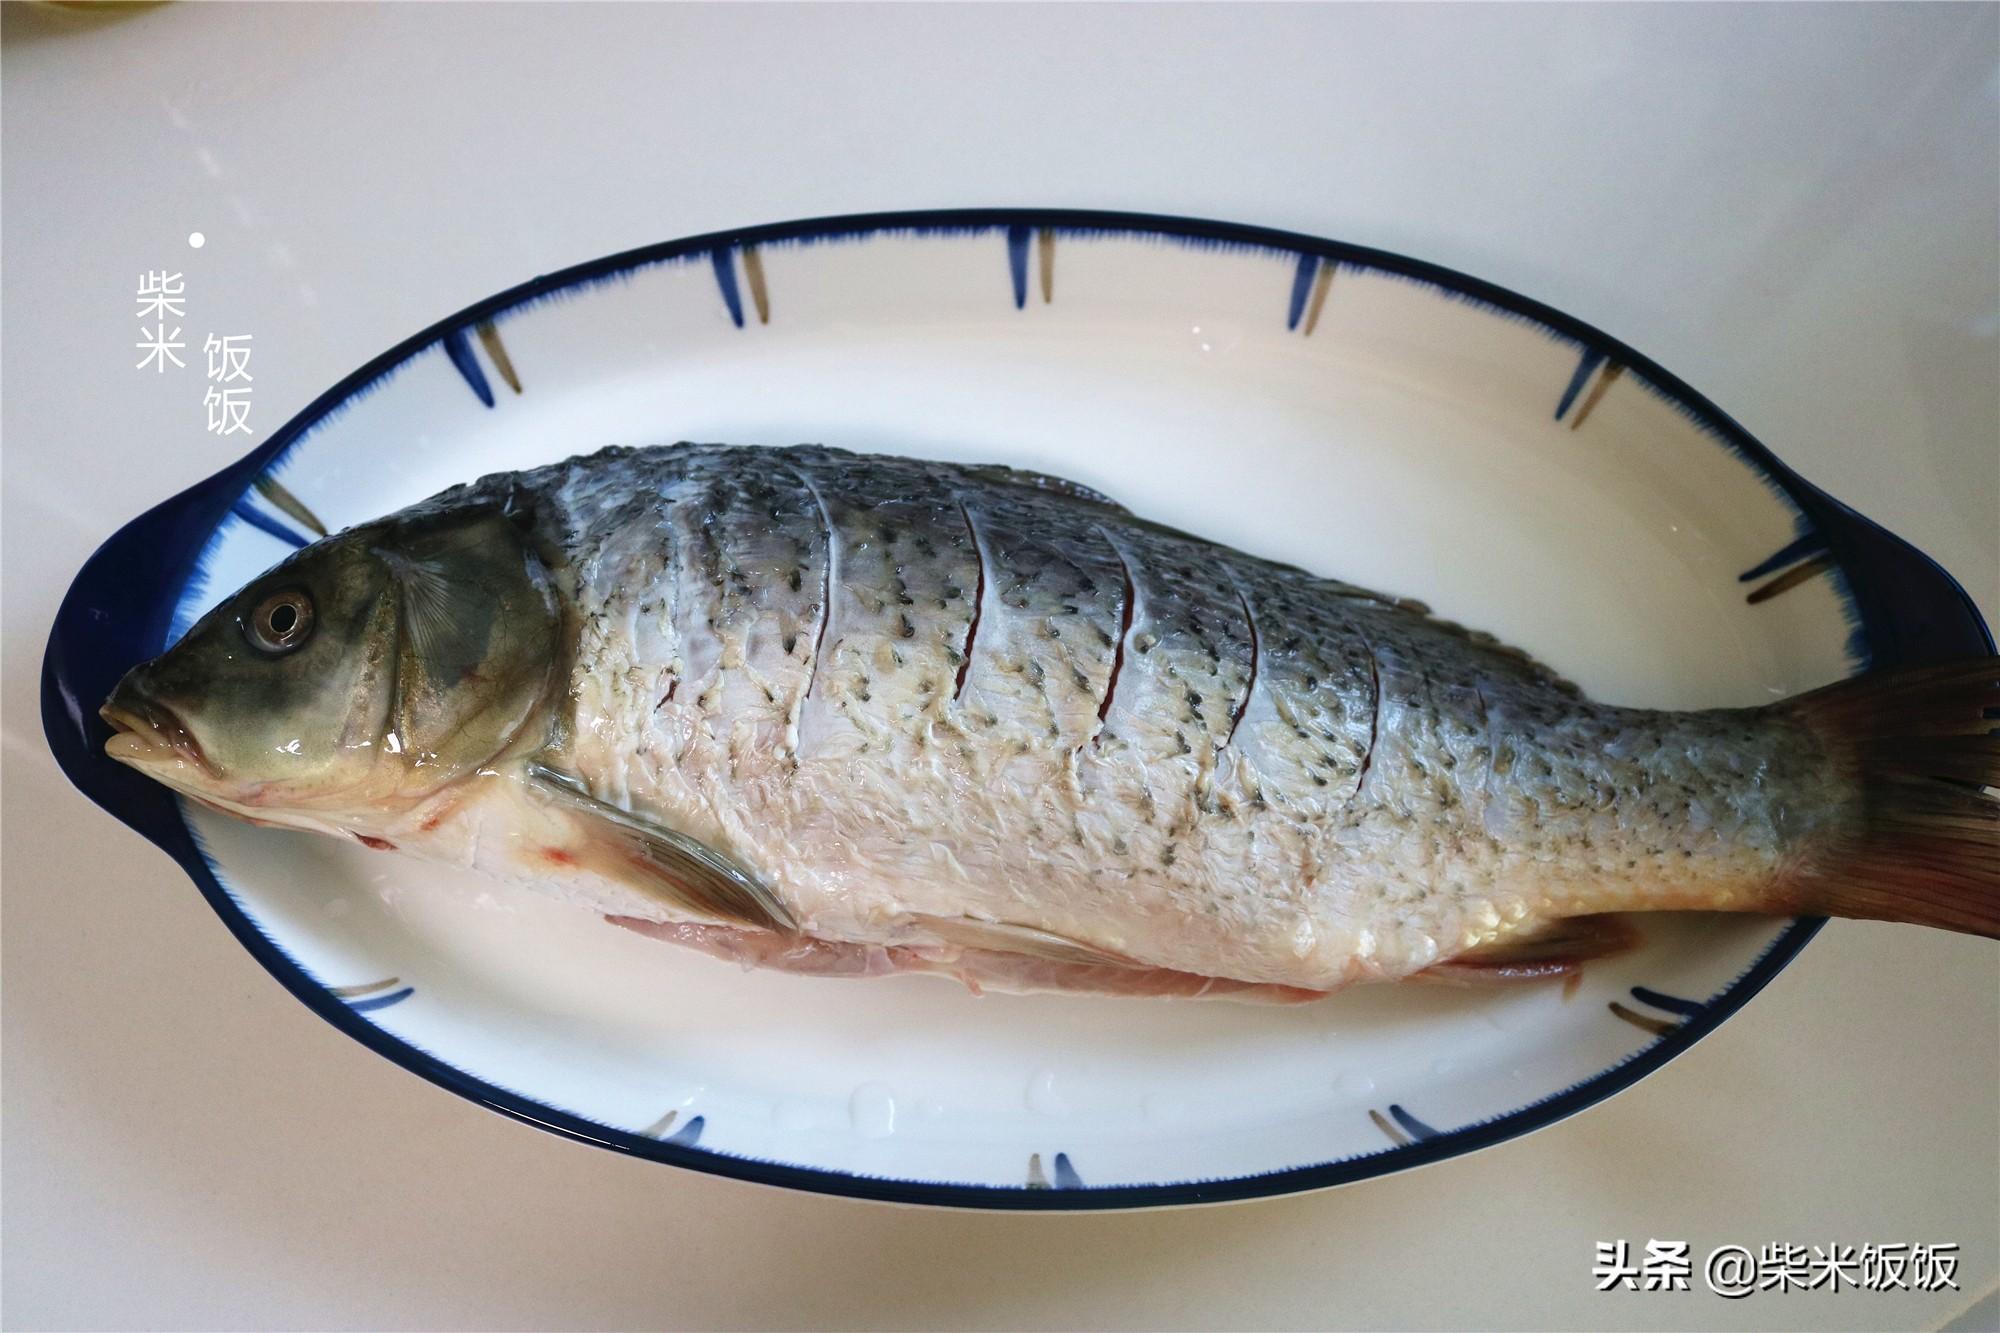 鲤鱼这样做,鱼肉咸鲜入味,一点也不腥,好吃得连汤也不剩